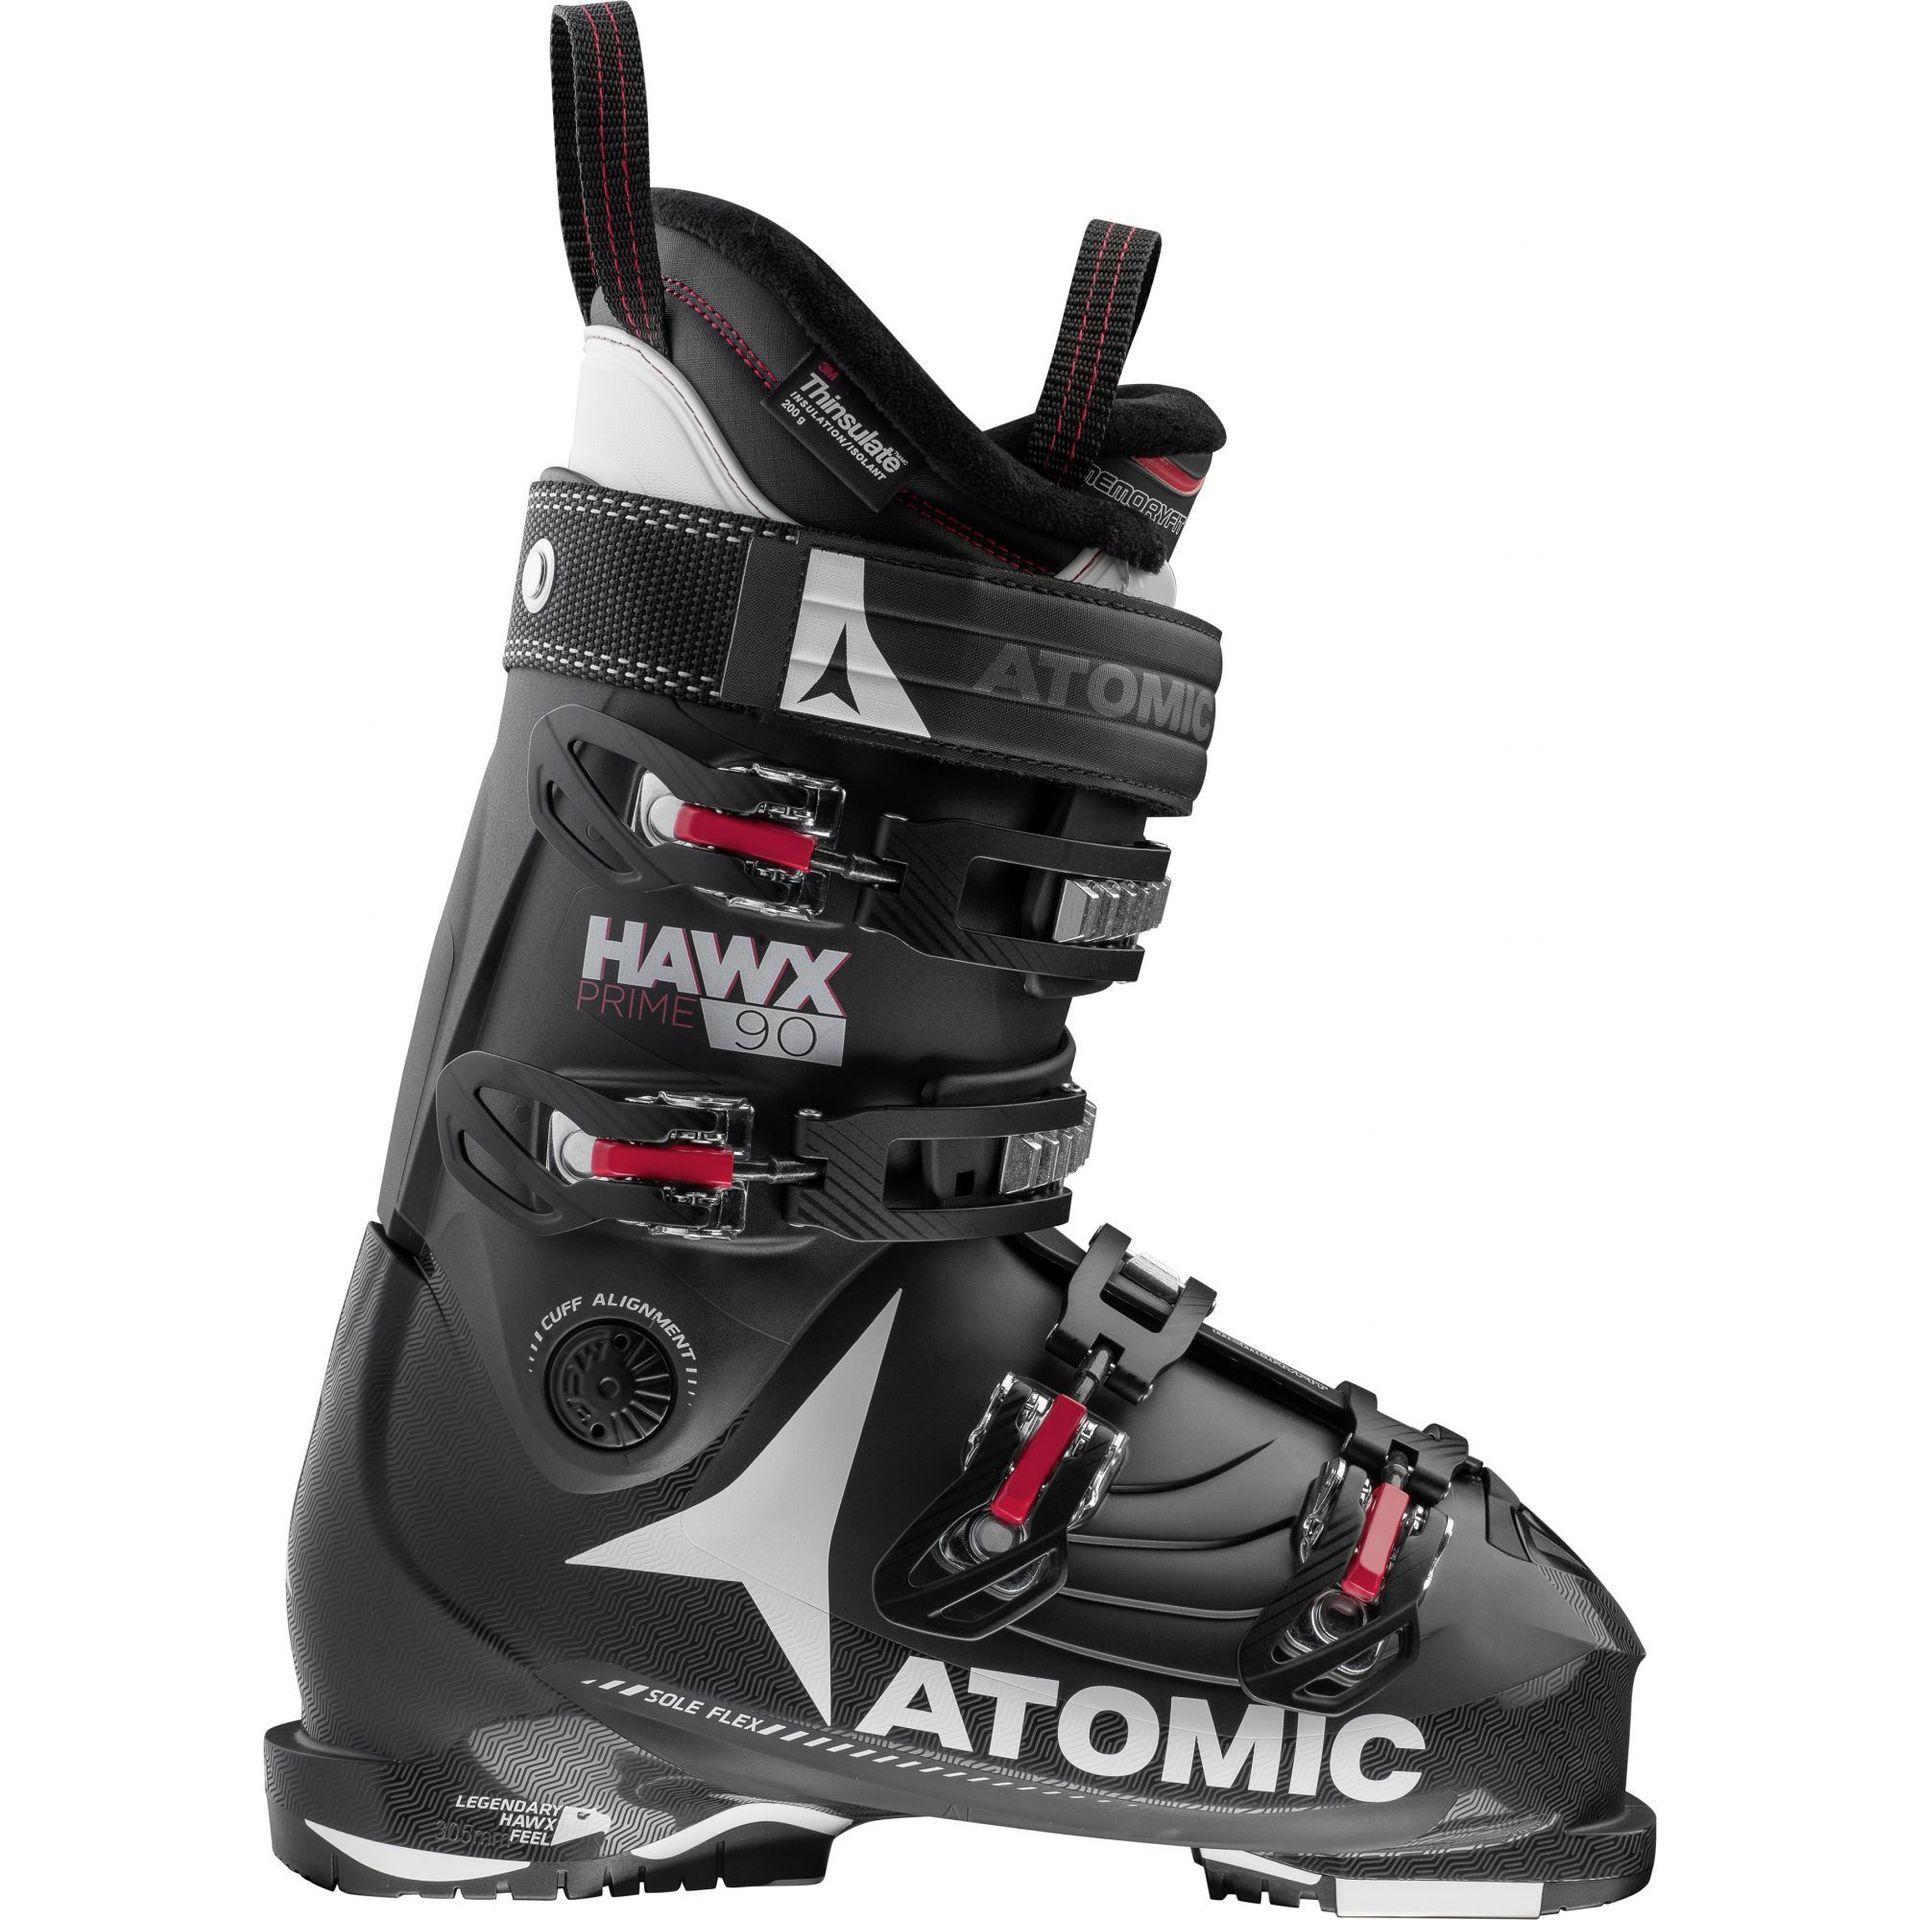 BUTY NARCIARSKIE ATOMIC HAWX PRIME 90 800 1